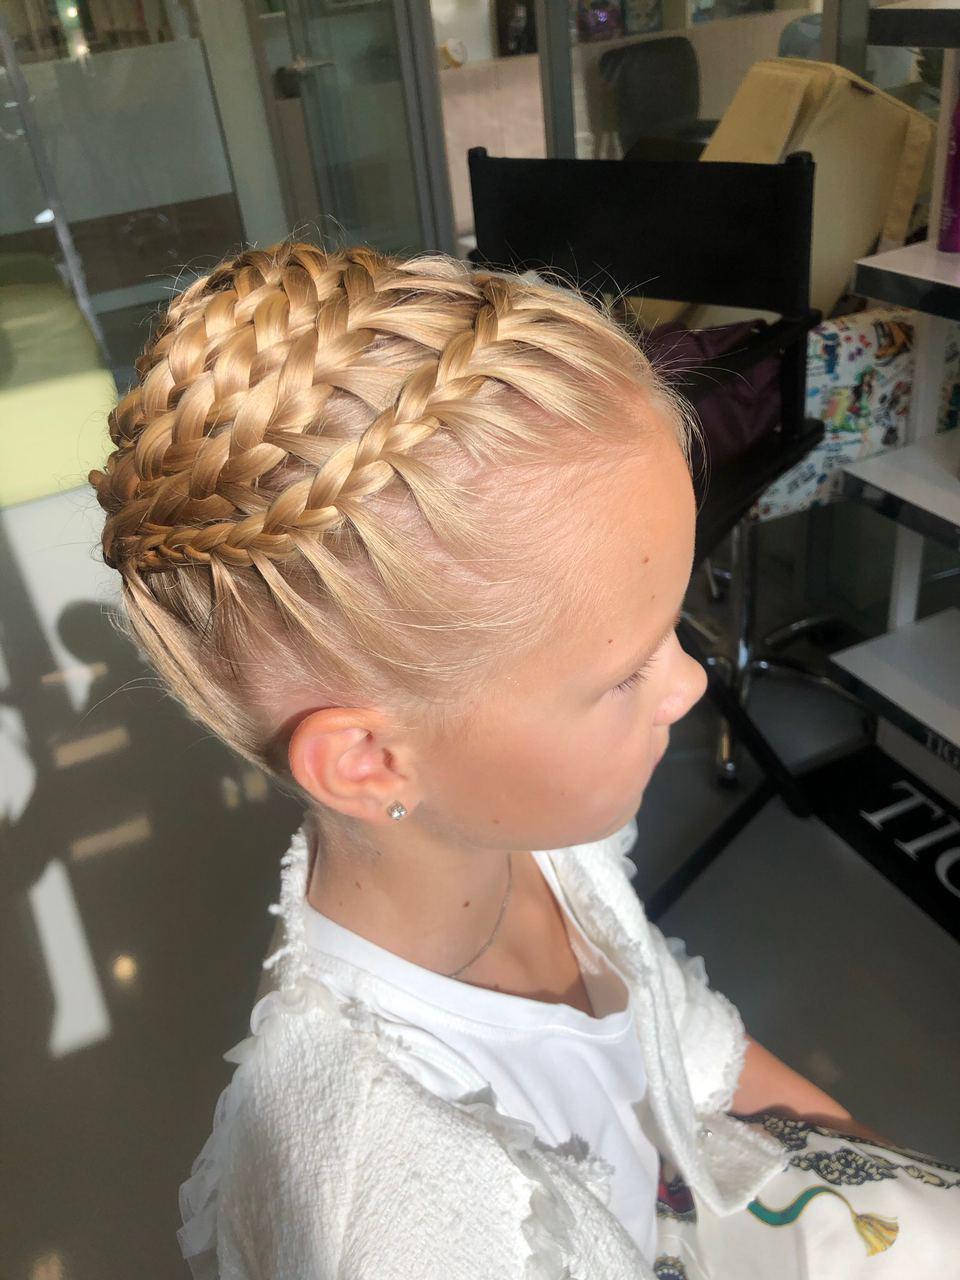 Сложное плетение кос.Мастер Эсанова Манижа Митино. Мастерская красоты SOVA